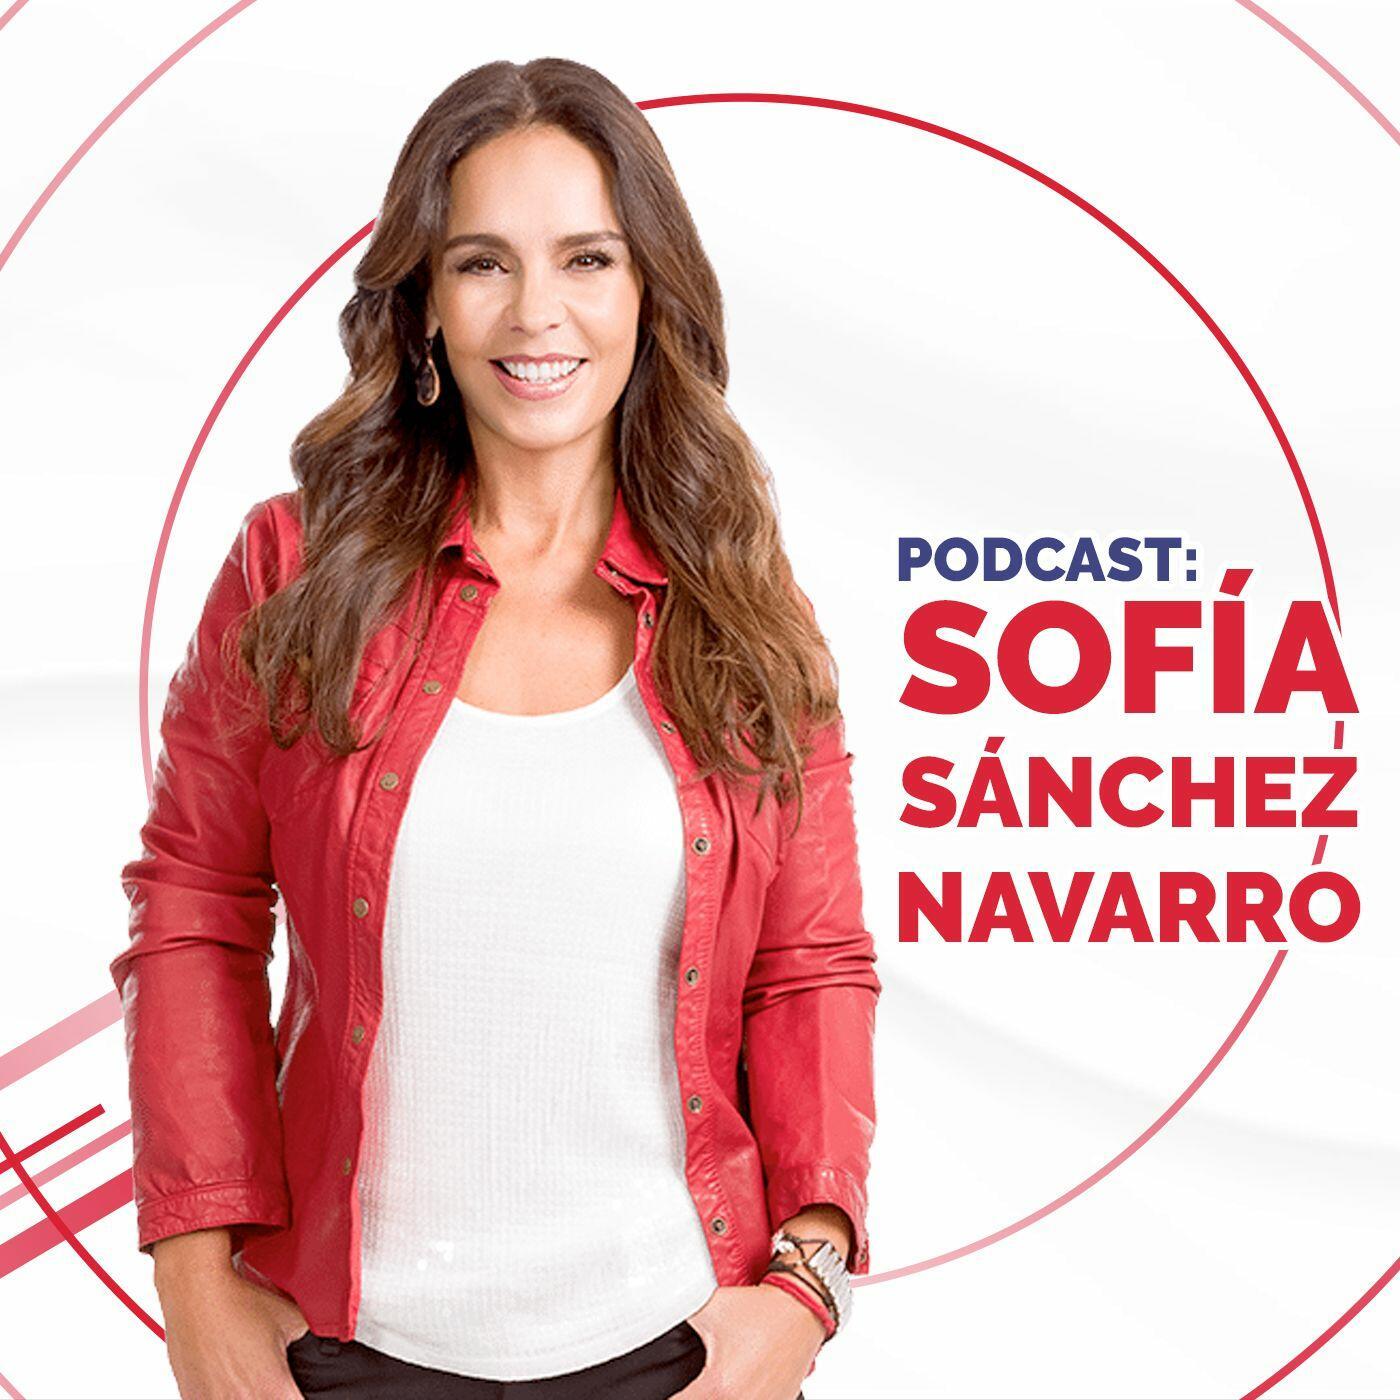 Listen to ¿Es amor o necesidad? | Podcast: Sofía Sánchez Navarro | Podcasts